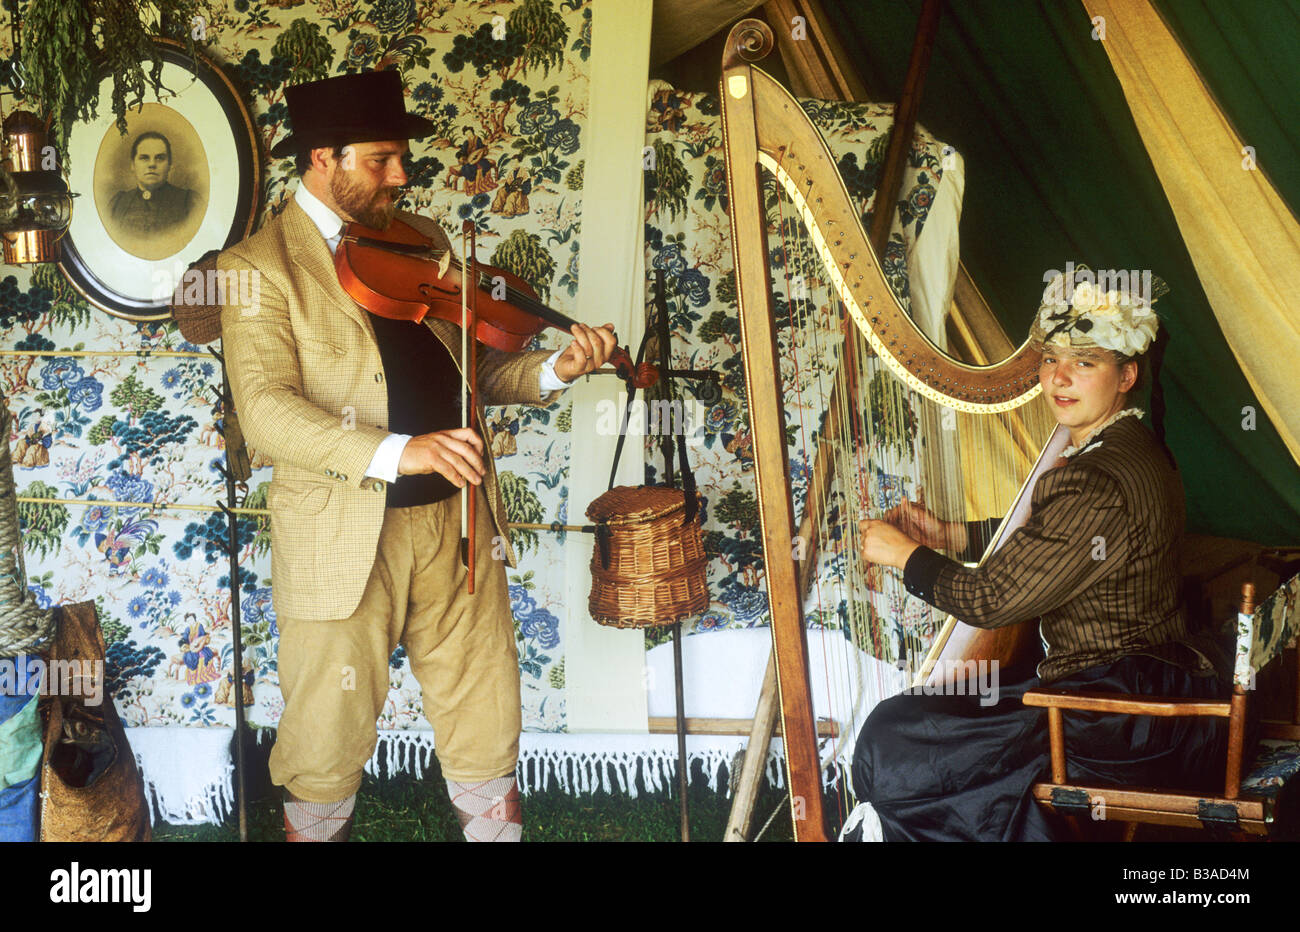 Victorian rievocazione storica musicisti strumenti musicali fiddle violino arpa cembalo English costume Hautbois Immagini Stock